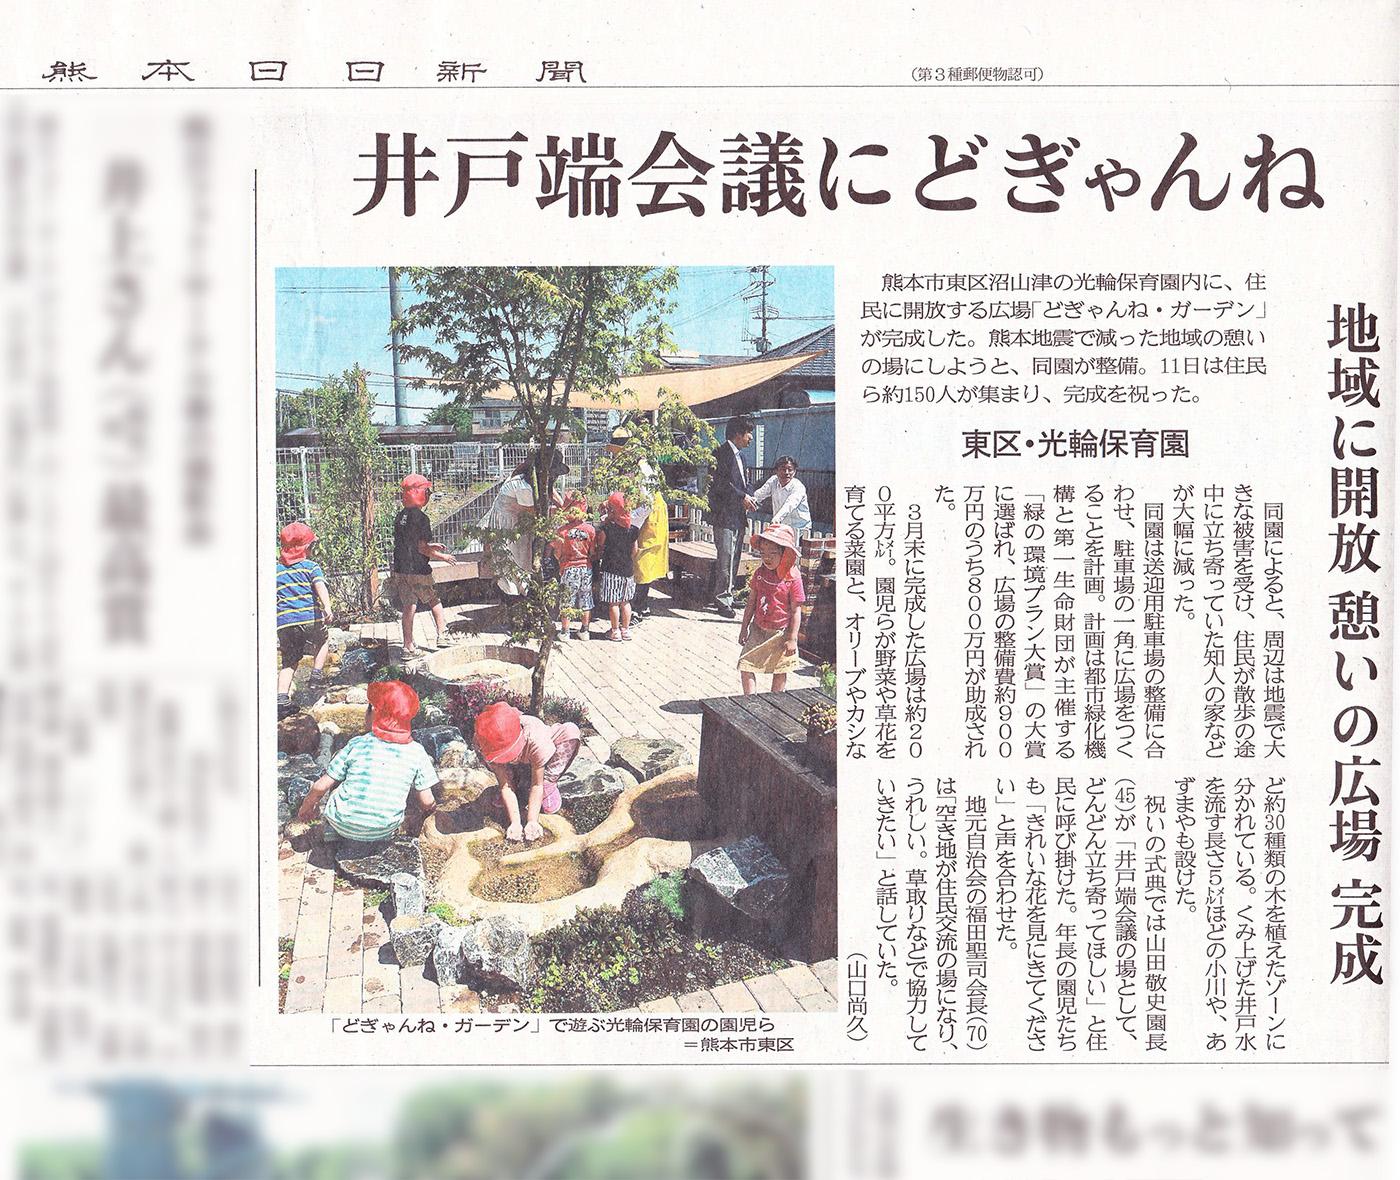 熊日新聞どぎゃんねガーデン掲載記事